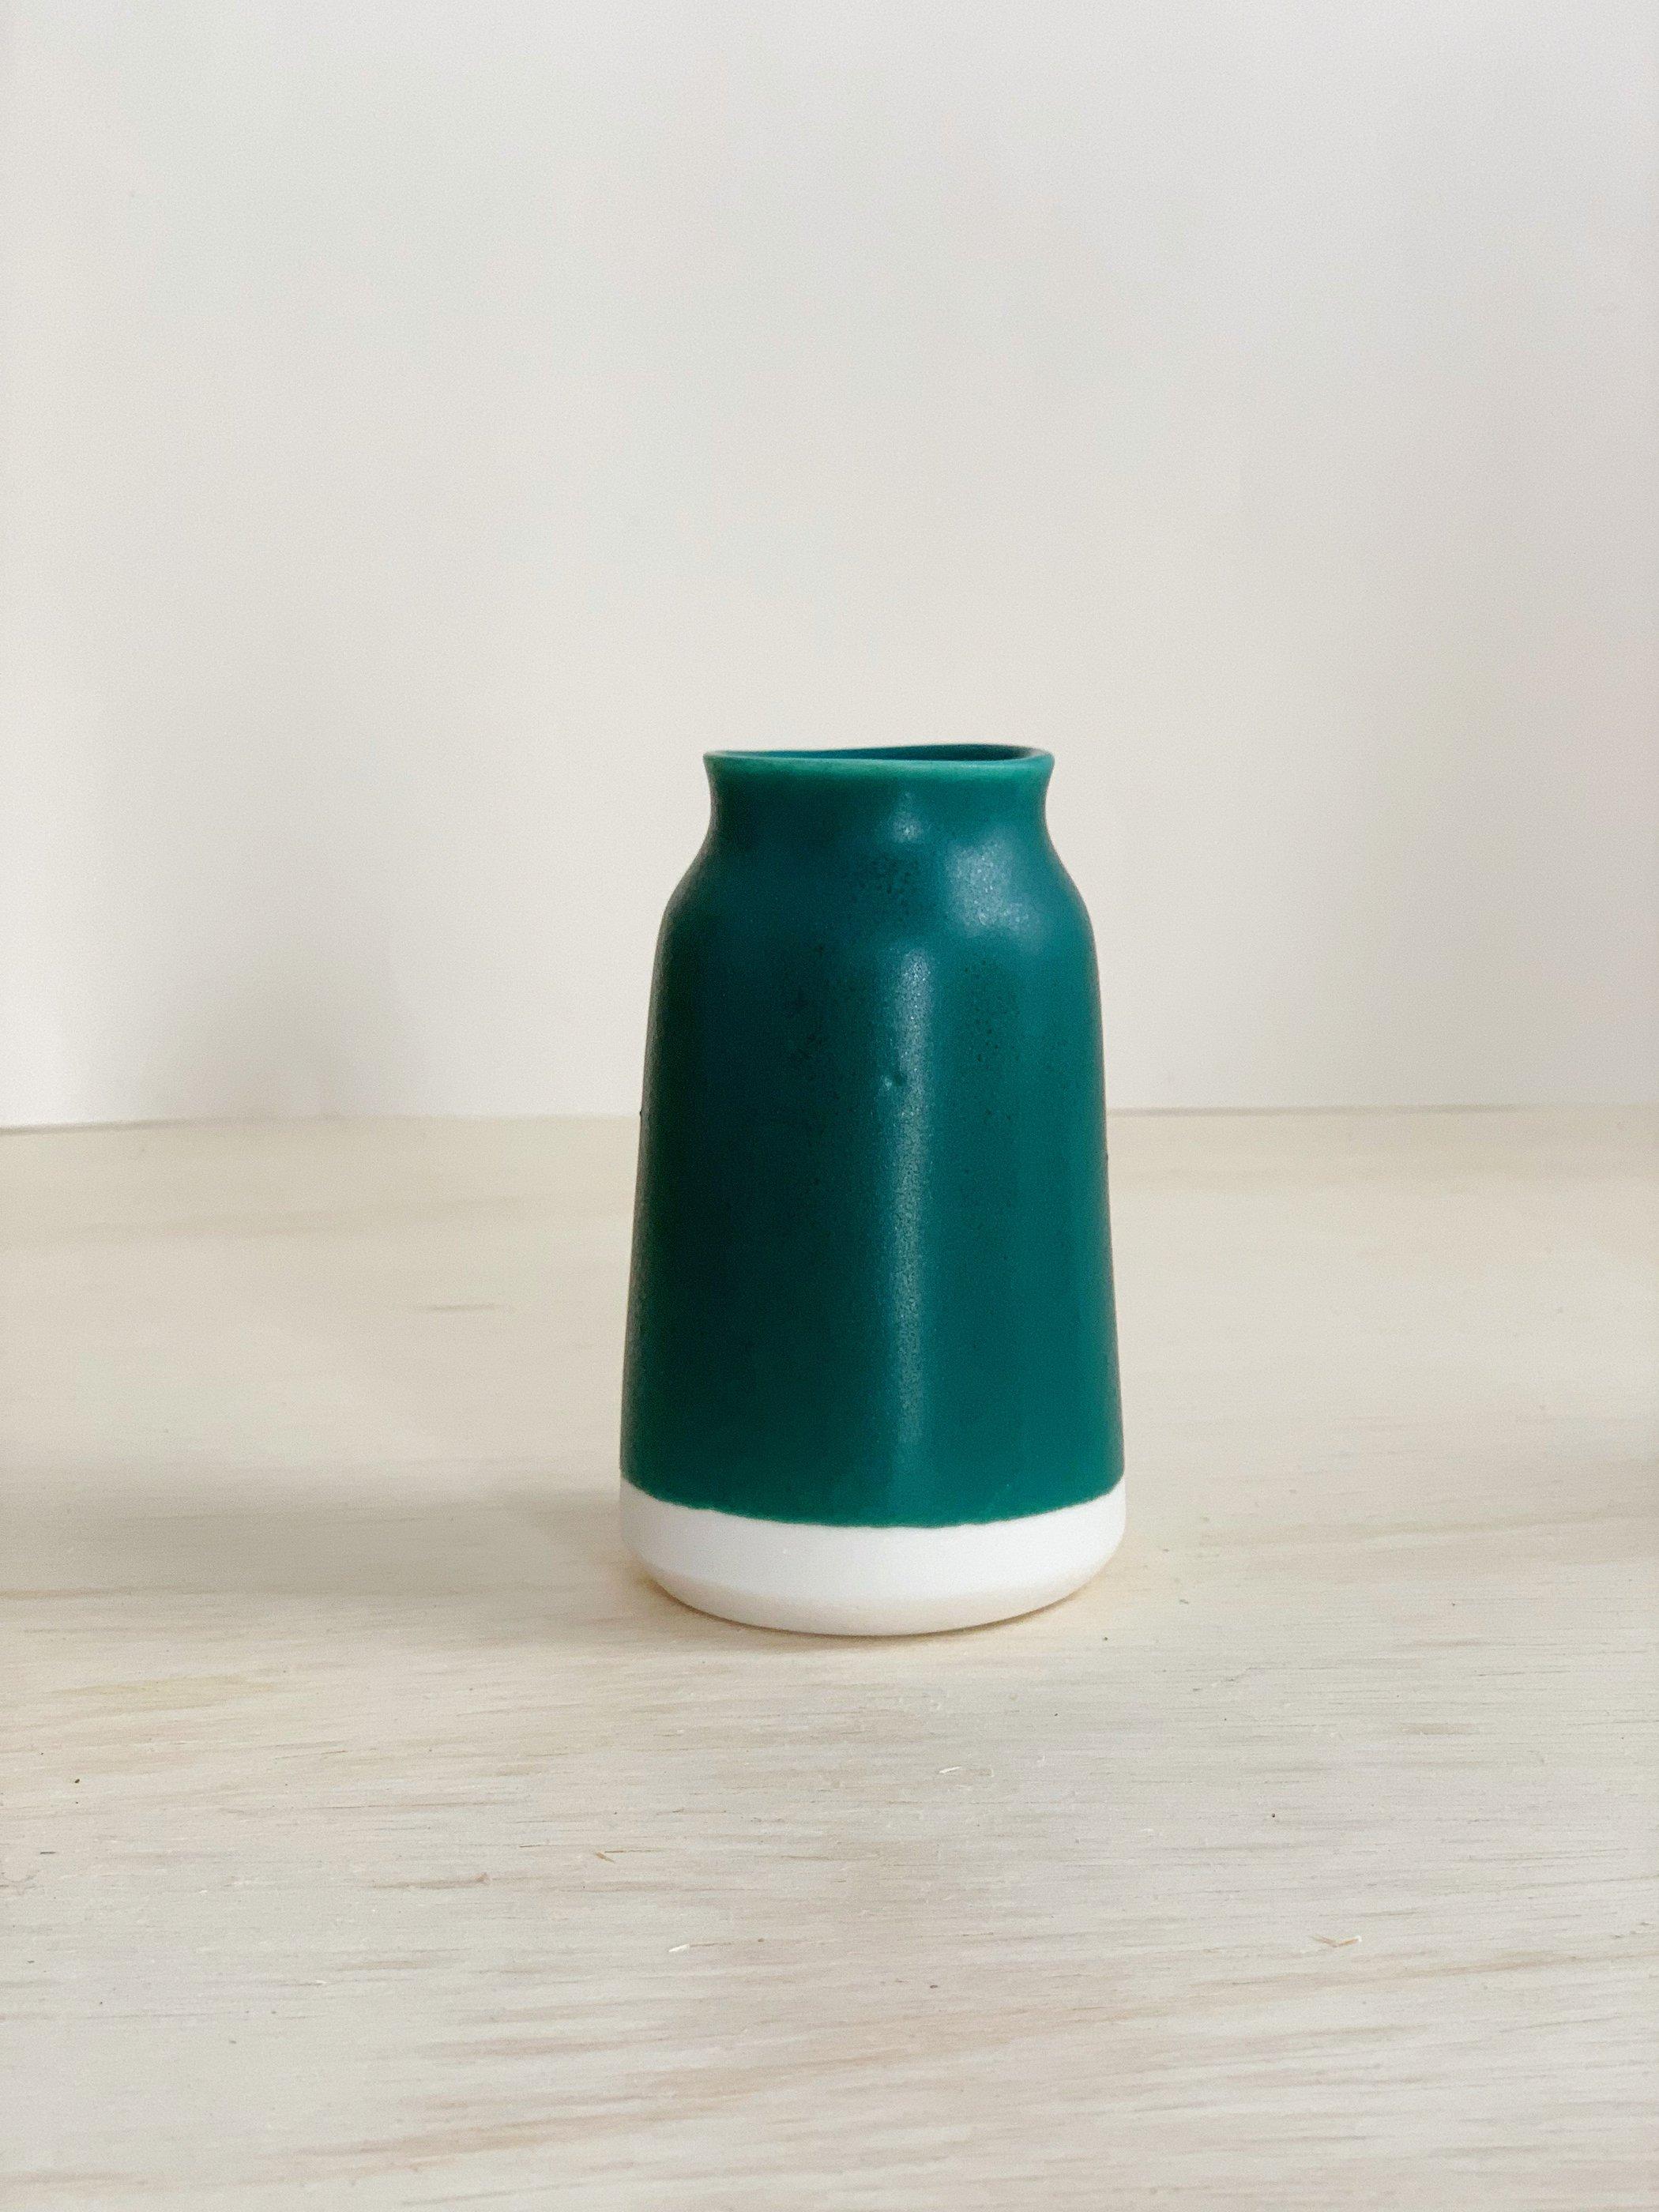 Teal and white milk bottle vase